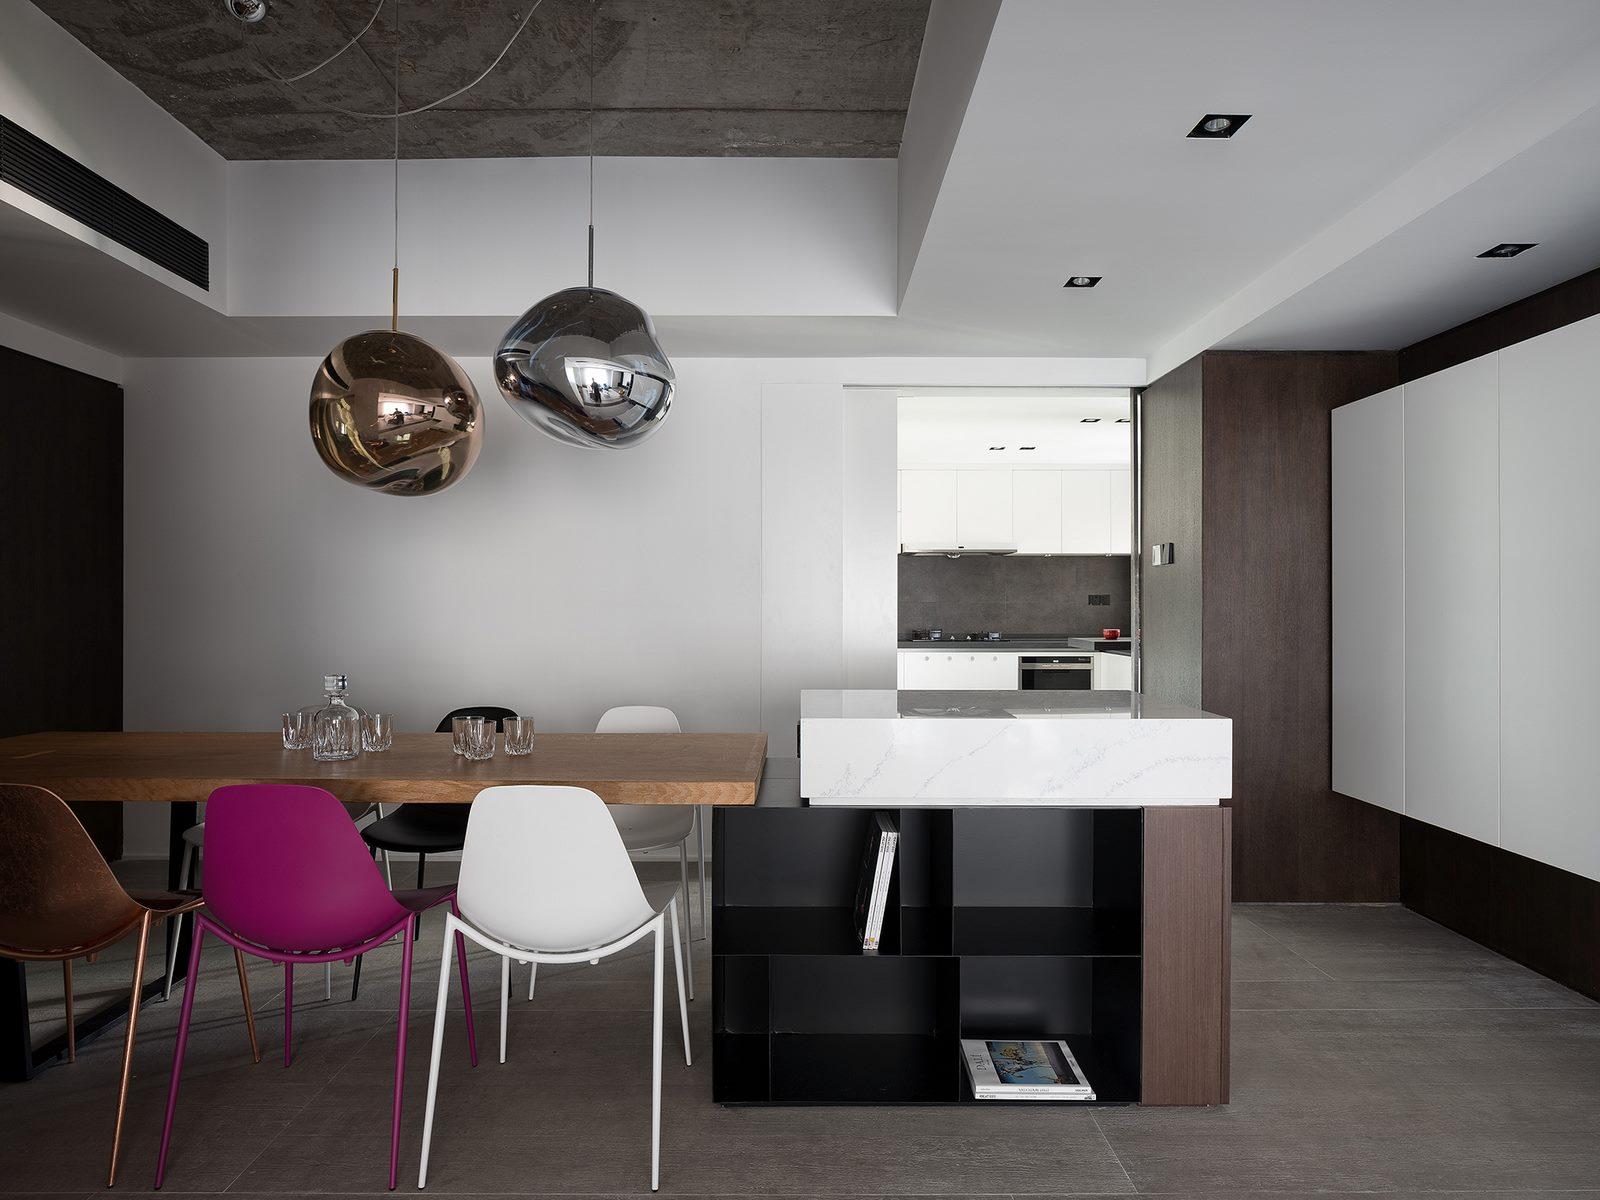 Hogar exploratorio, un vivienda moderna y minimalista 26